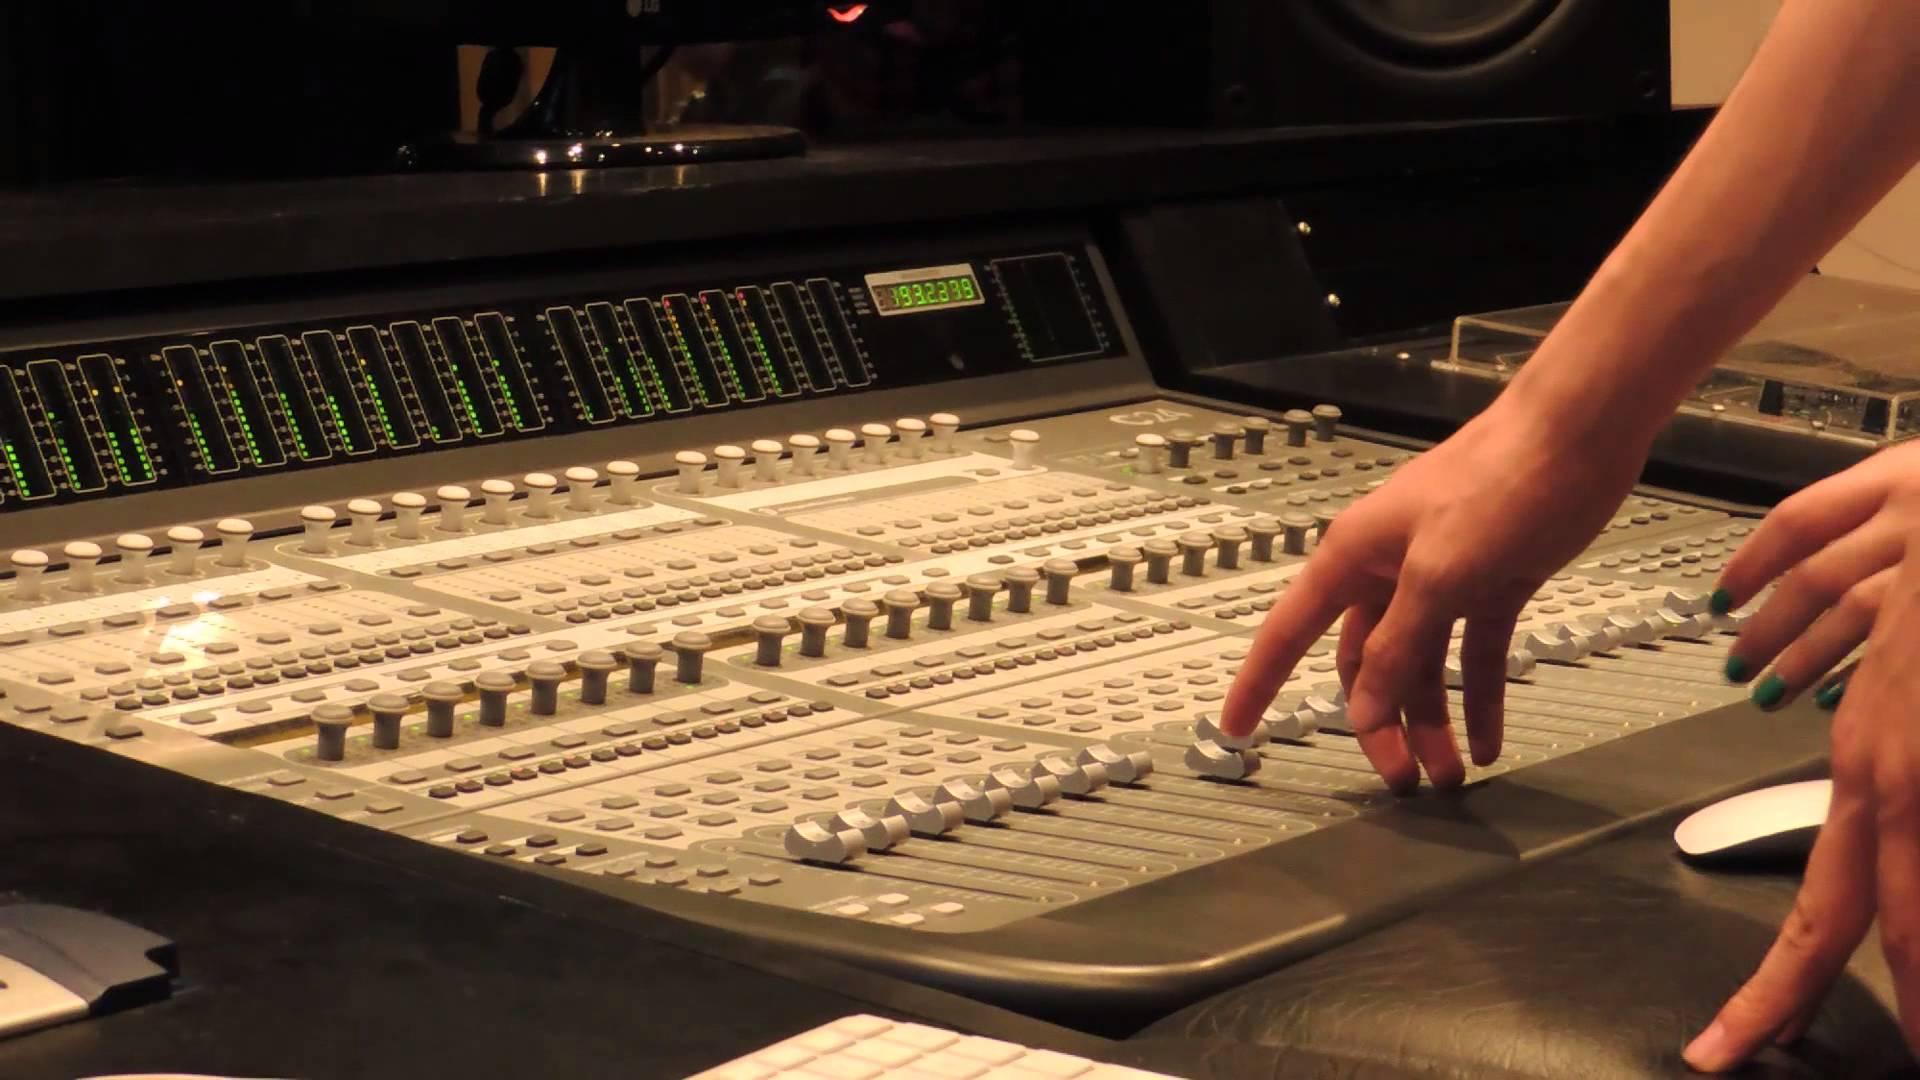 ¿Vas a entrar a grabar? Pule tus canciones con estos 5 tips